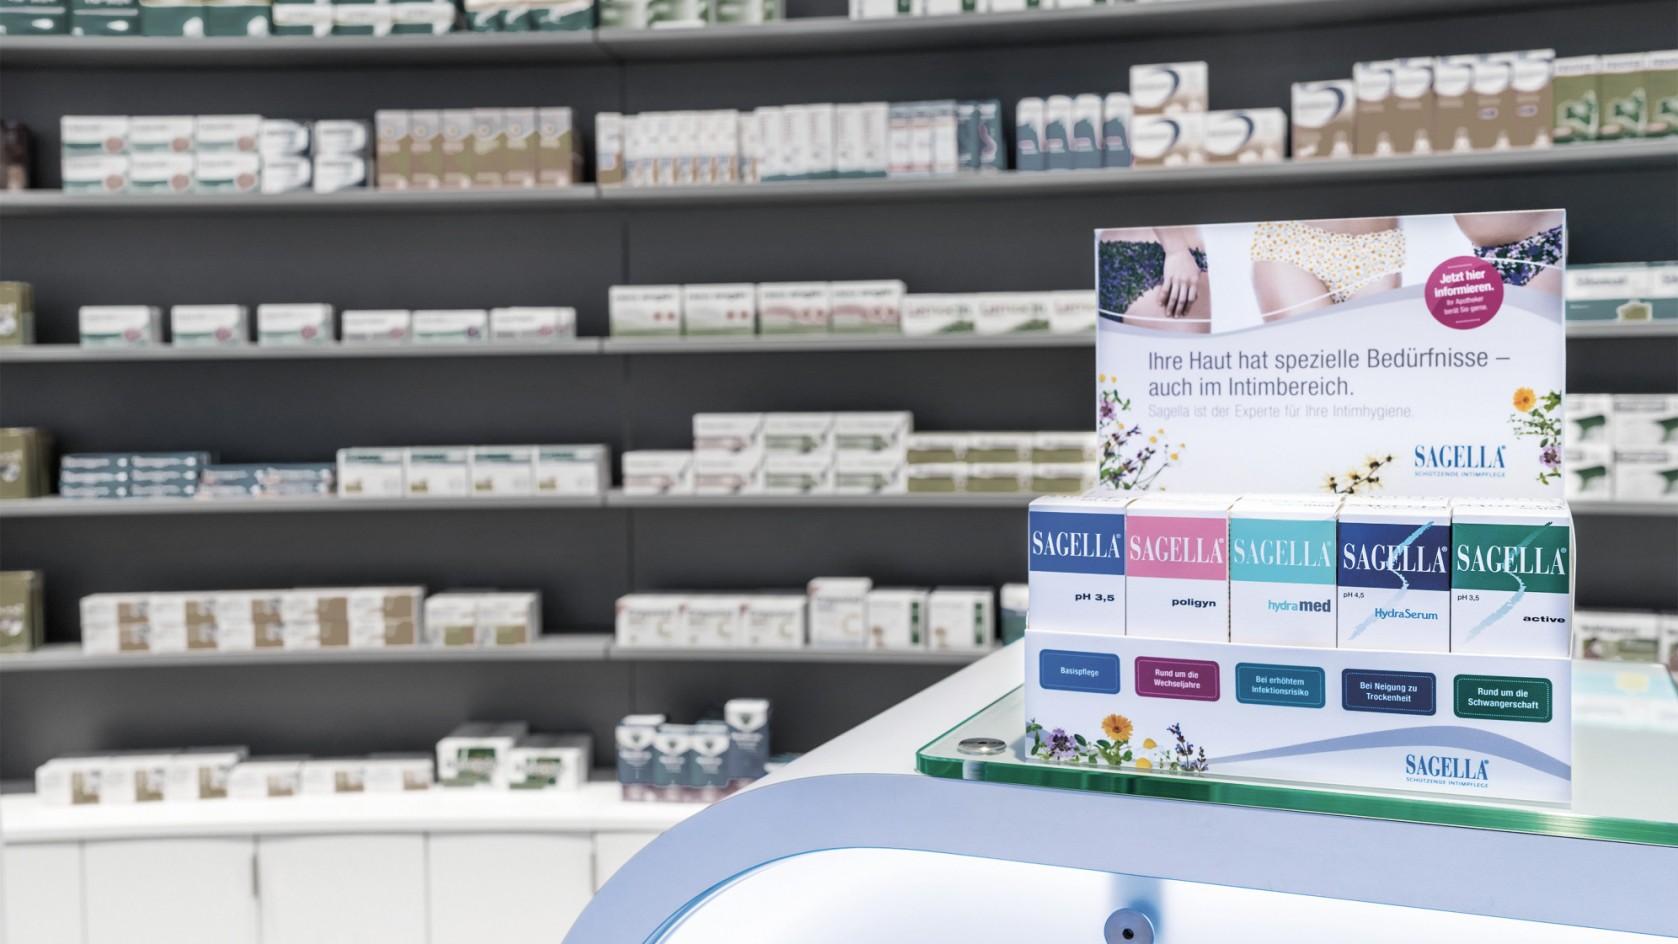 Verkaufsförderung: Stein designt Displays für Sagella